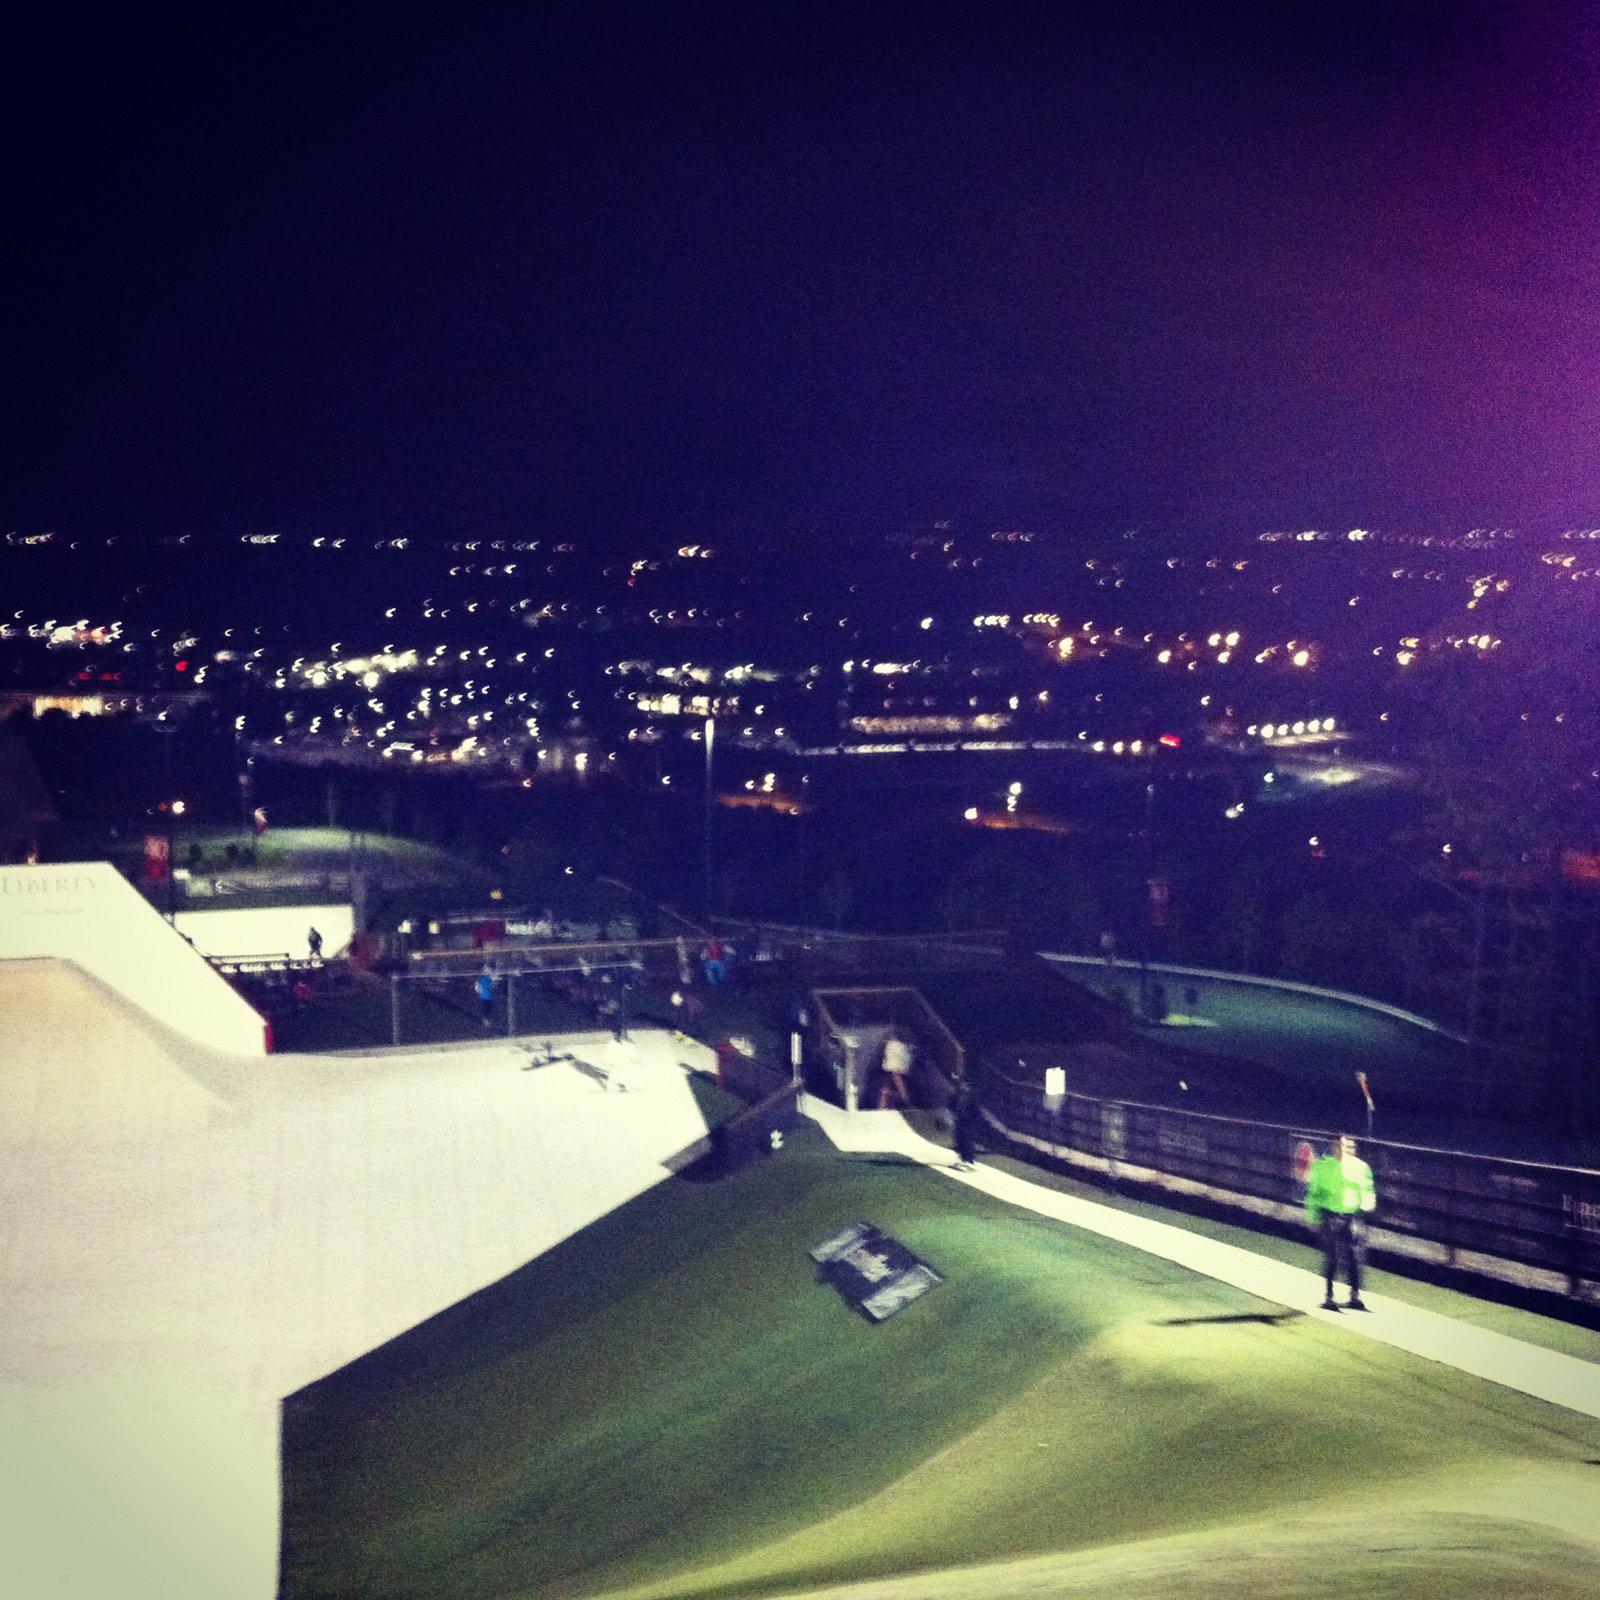 snowflex at night